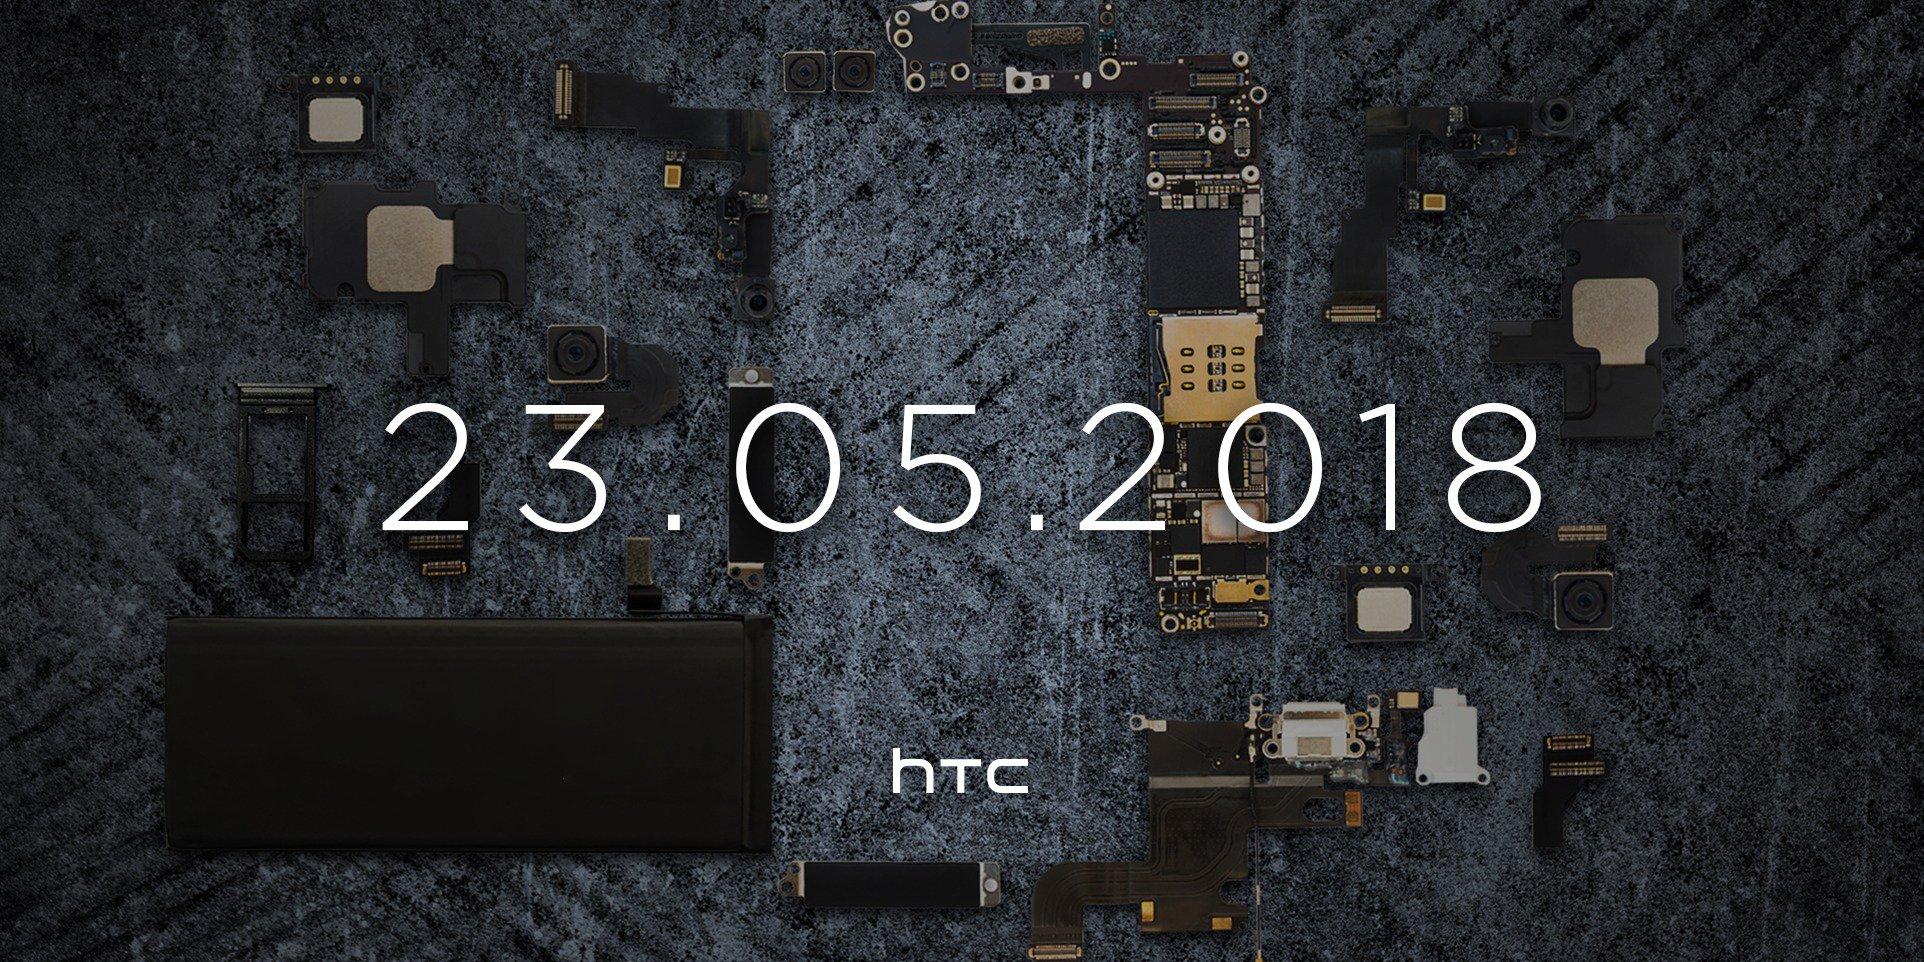 HTC наметила презентацию на23мая: предполагается анонс мощного телефона U12+